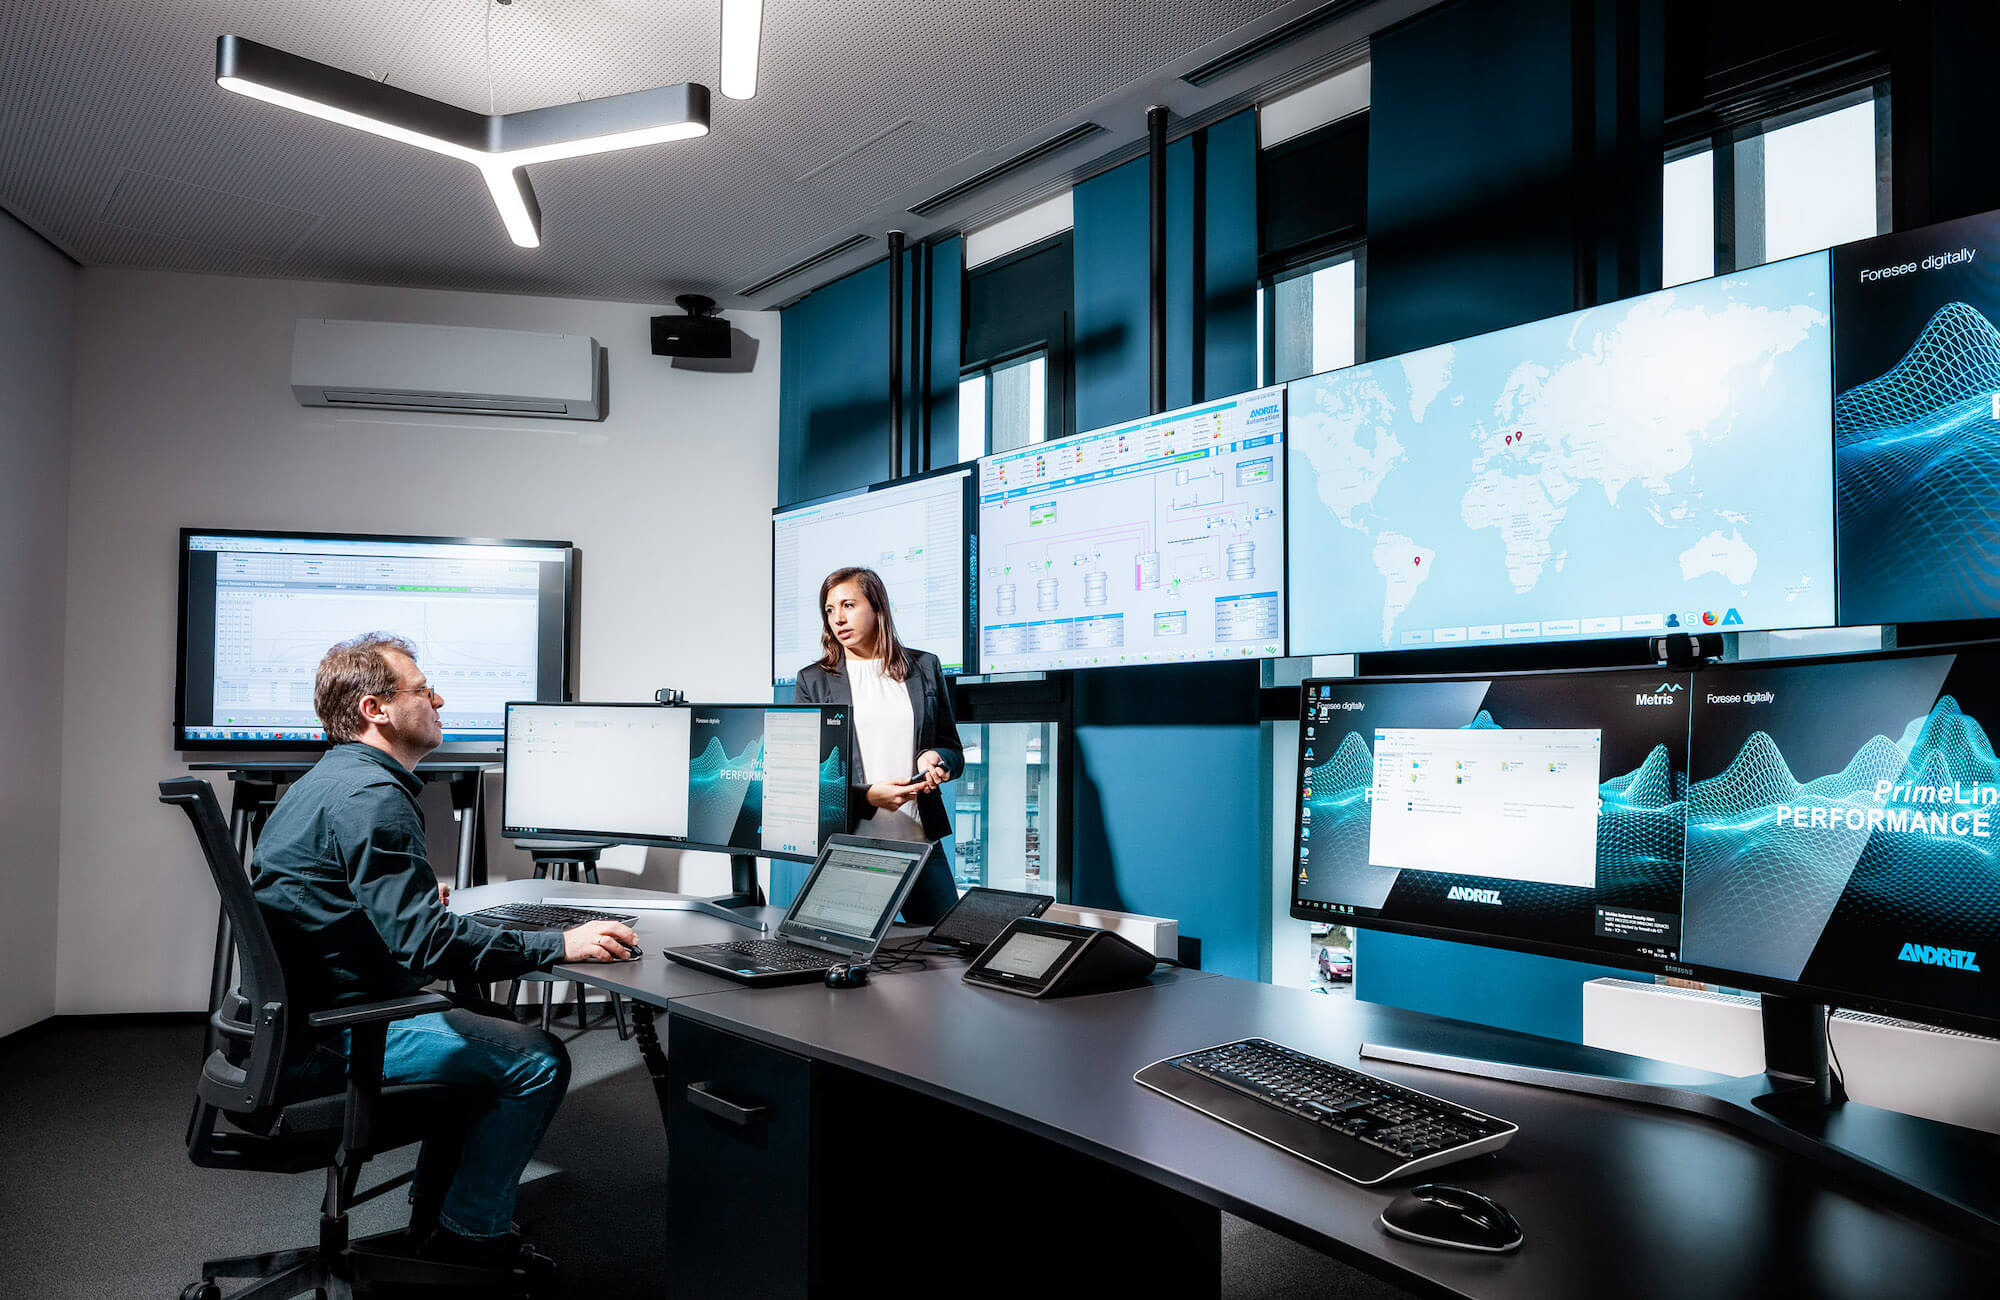 Die Performance Center bieten digitalen Service und Support mit Hilfe eines Digitalen Zwillings